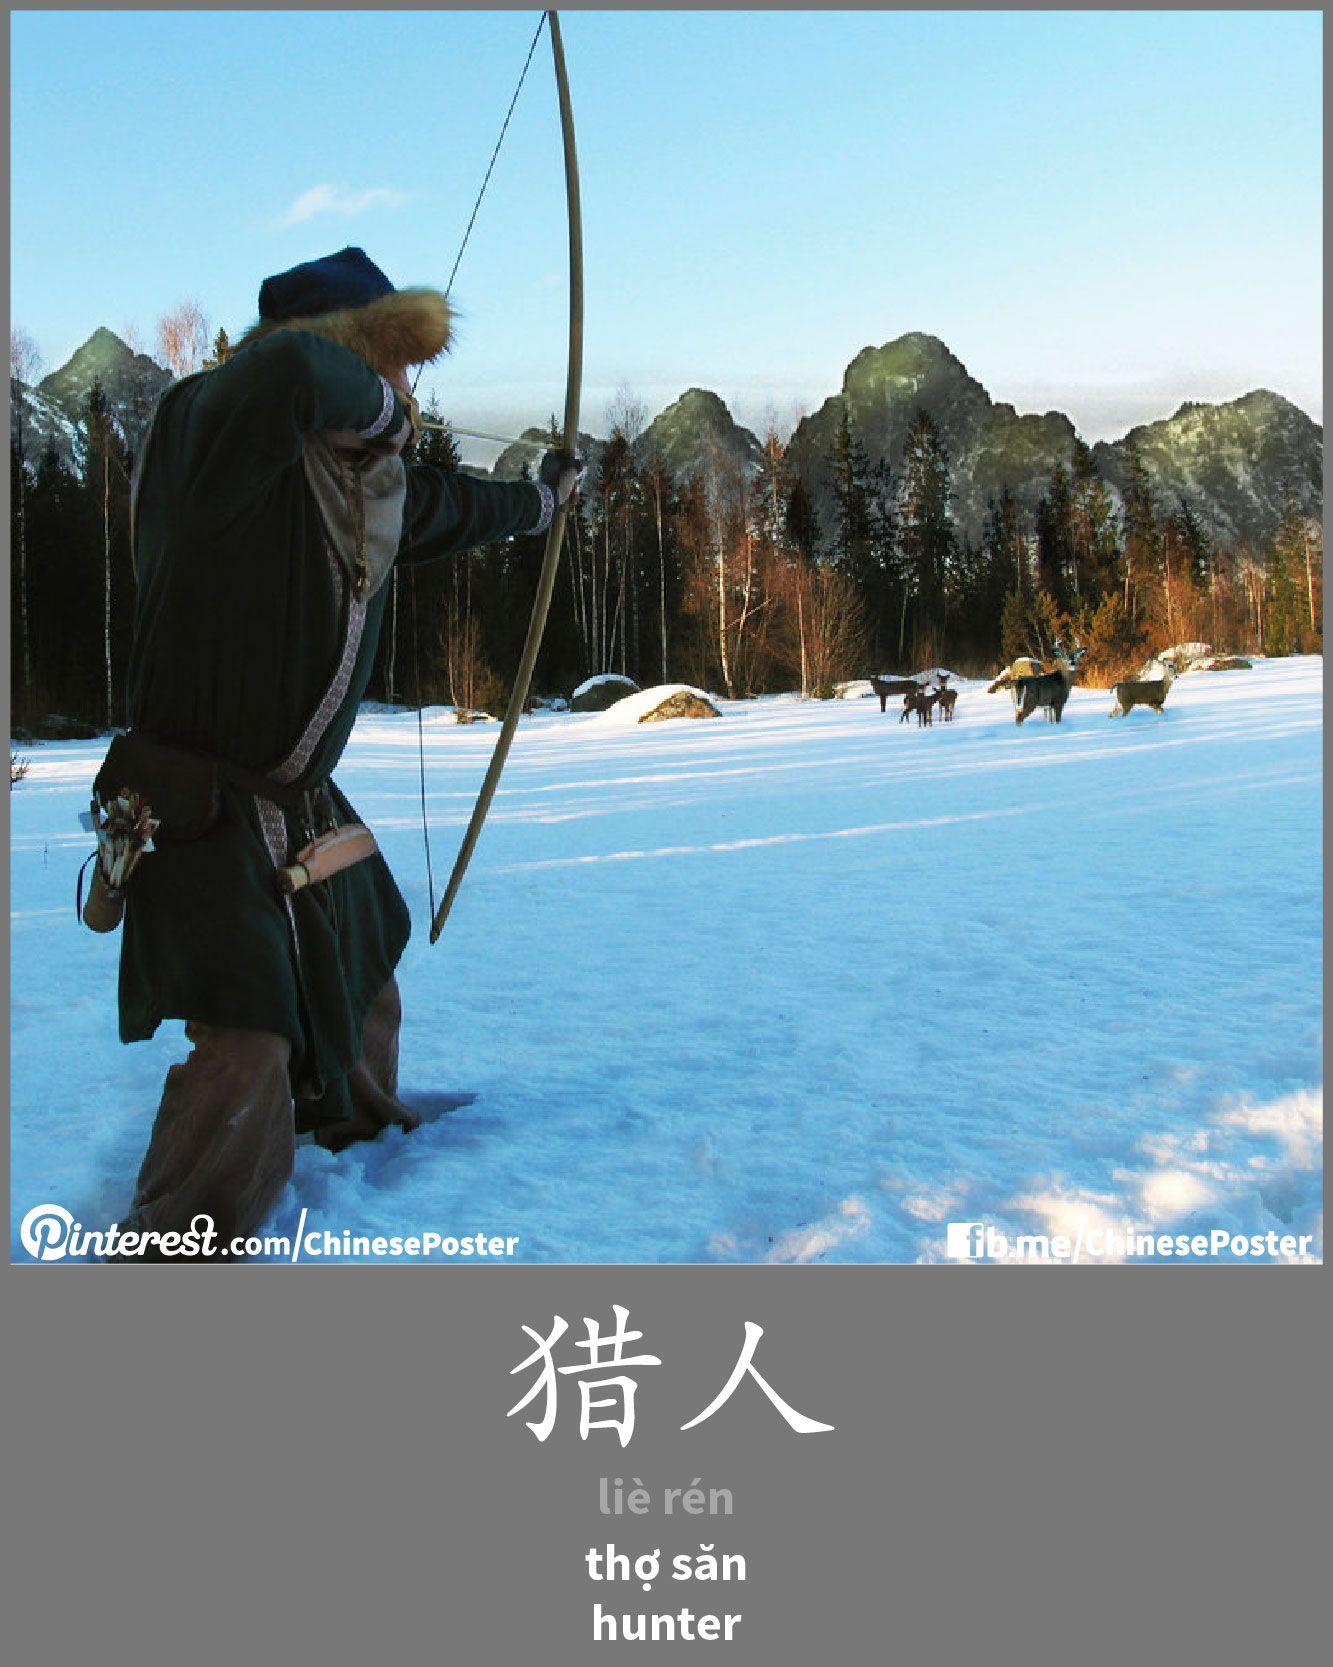 猎人 - liè rén - thợ săn - hunter